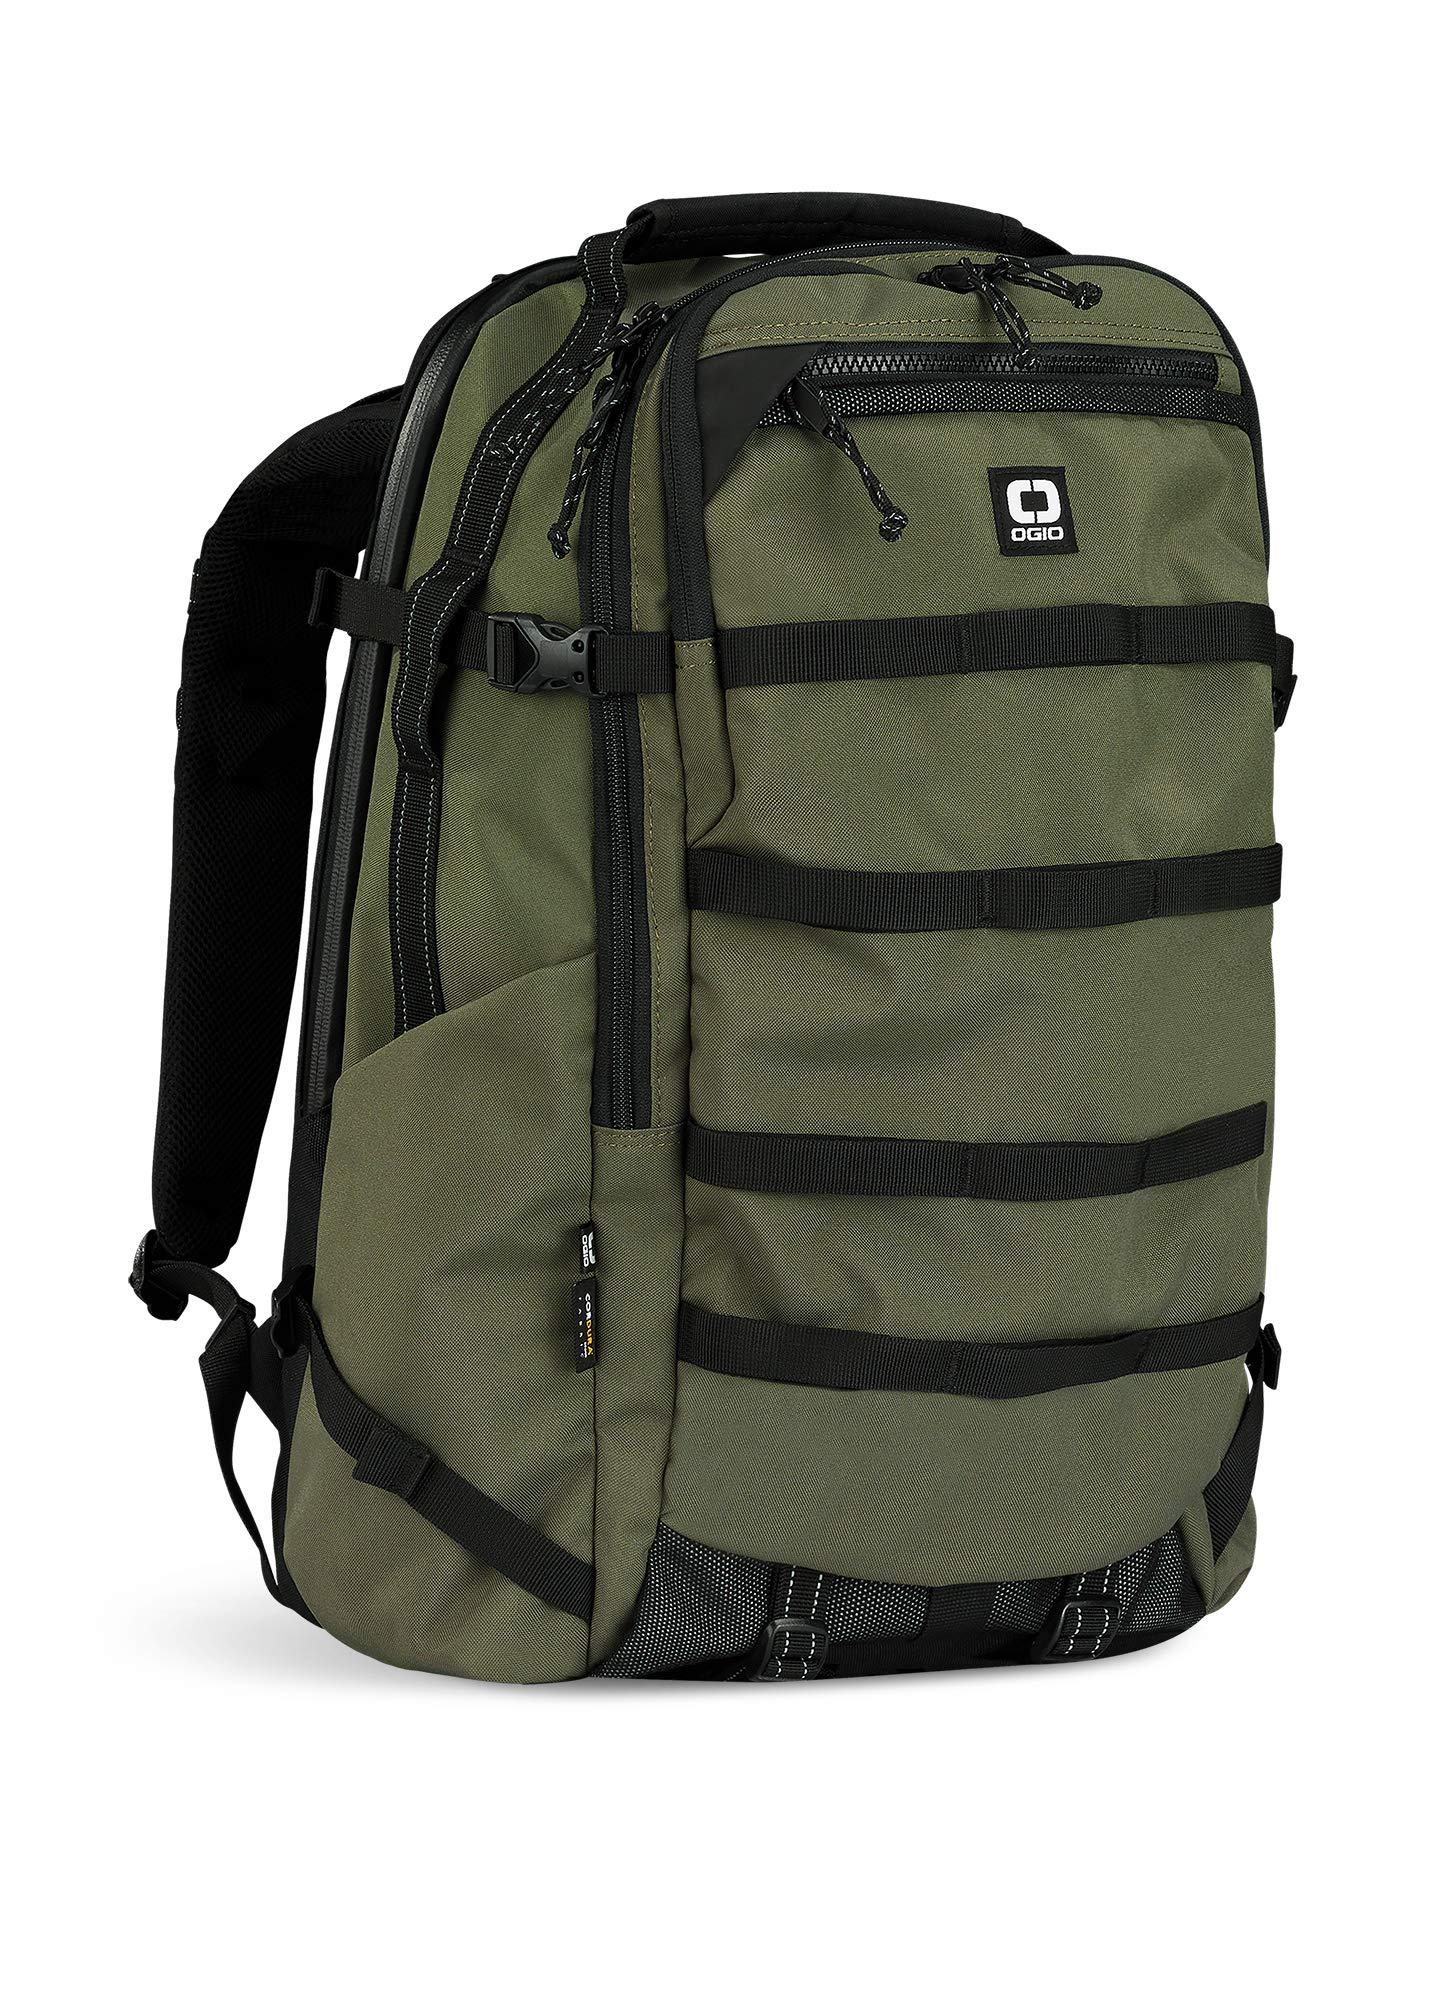 OGIO ALPHA Convoy 525 Laptop Backpack, Olive